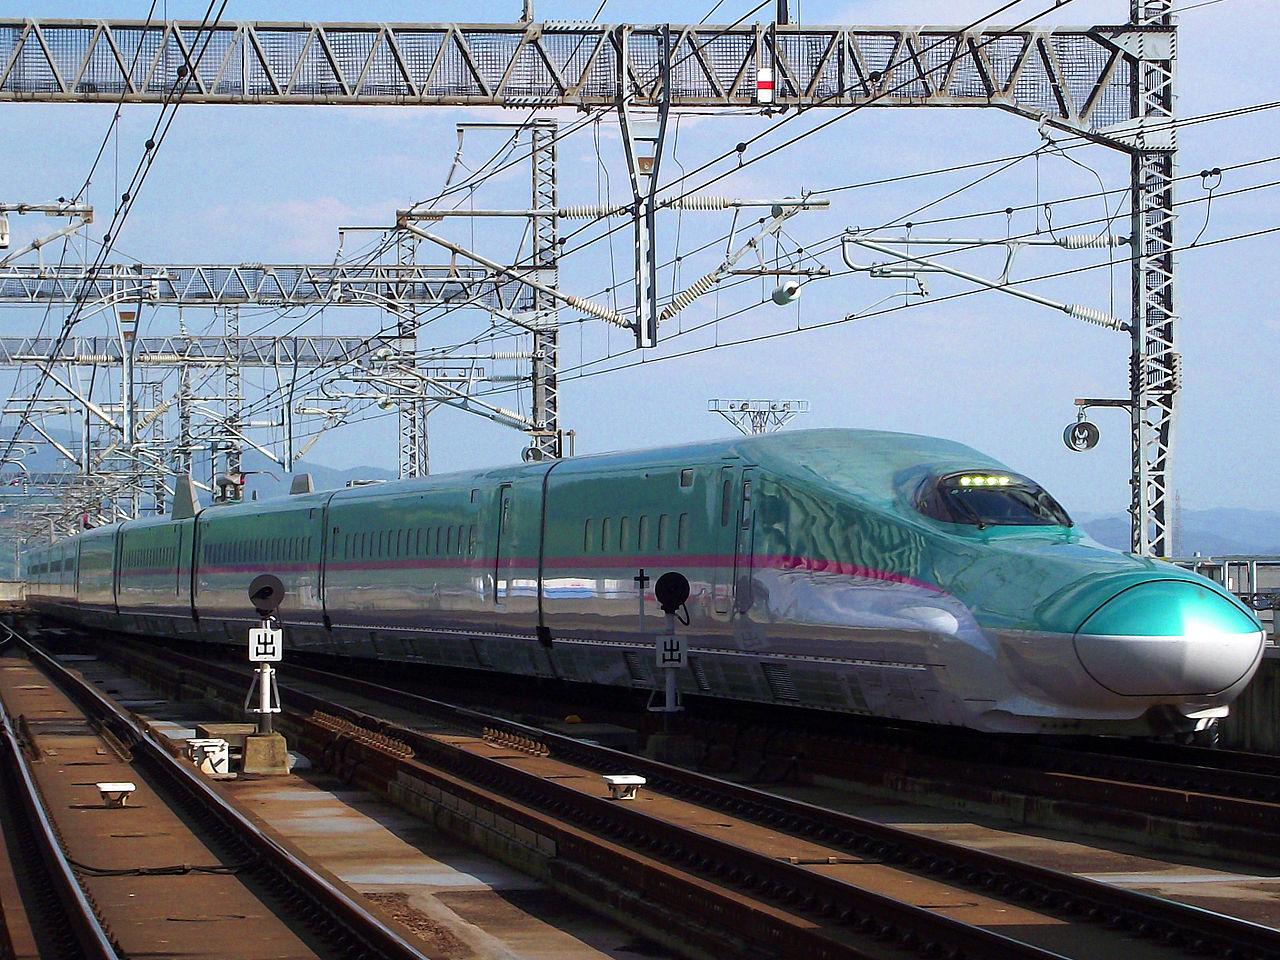 tren ace changes